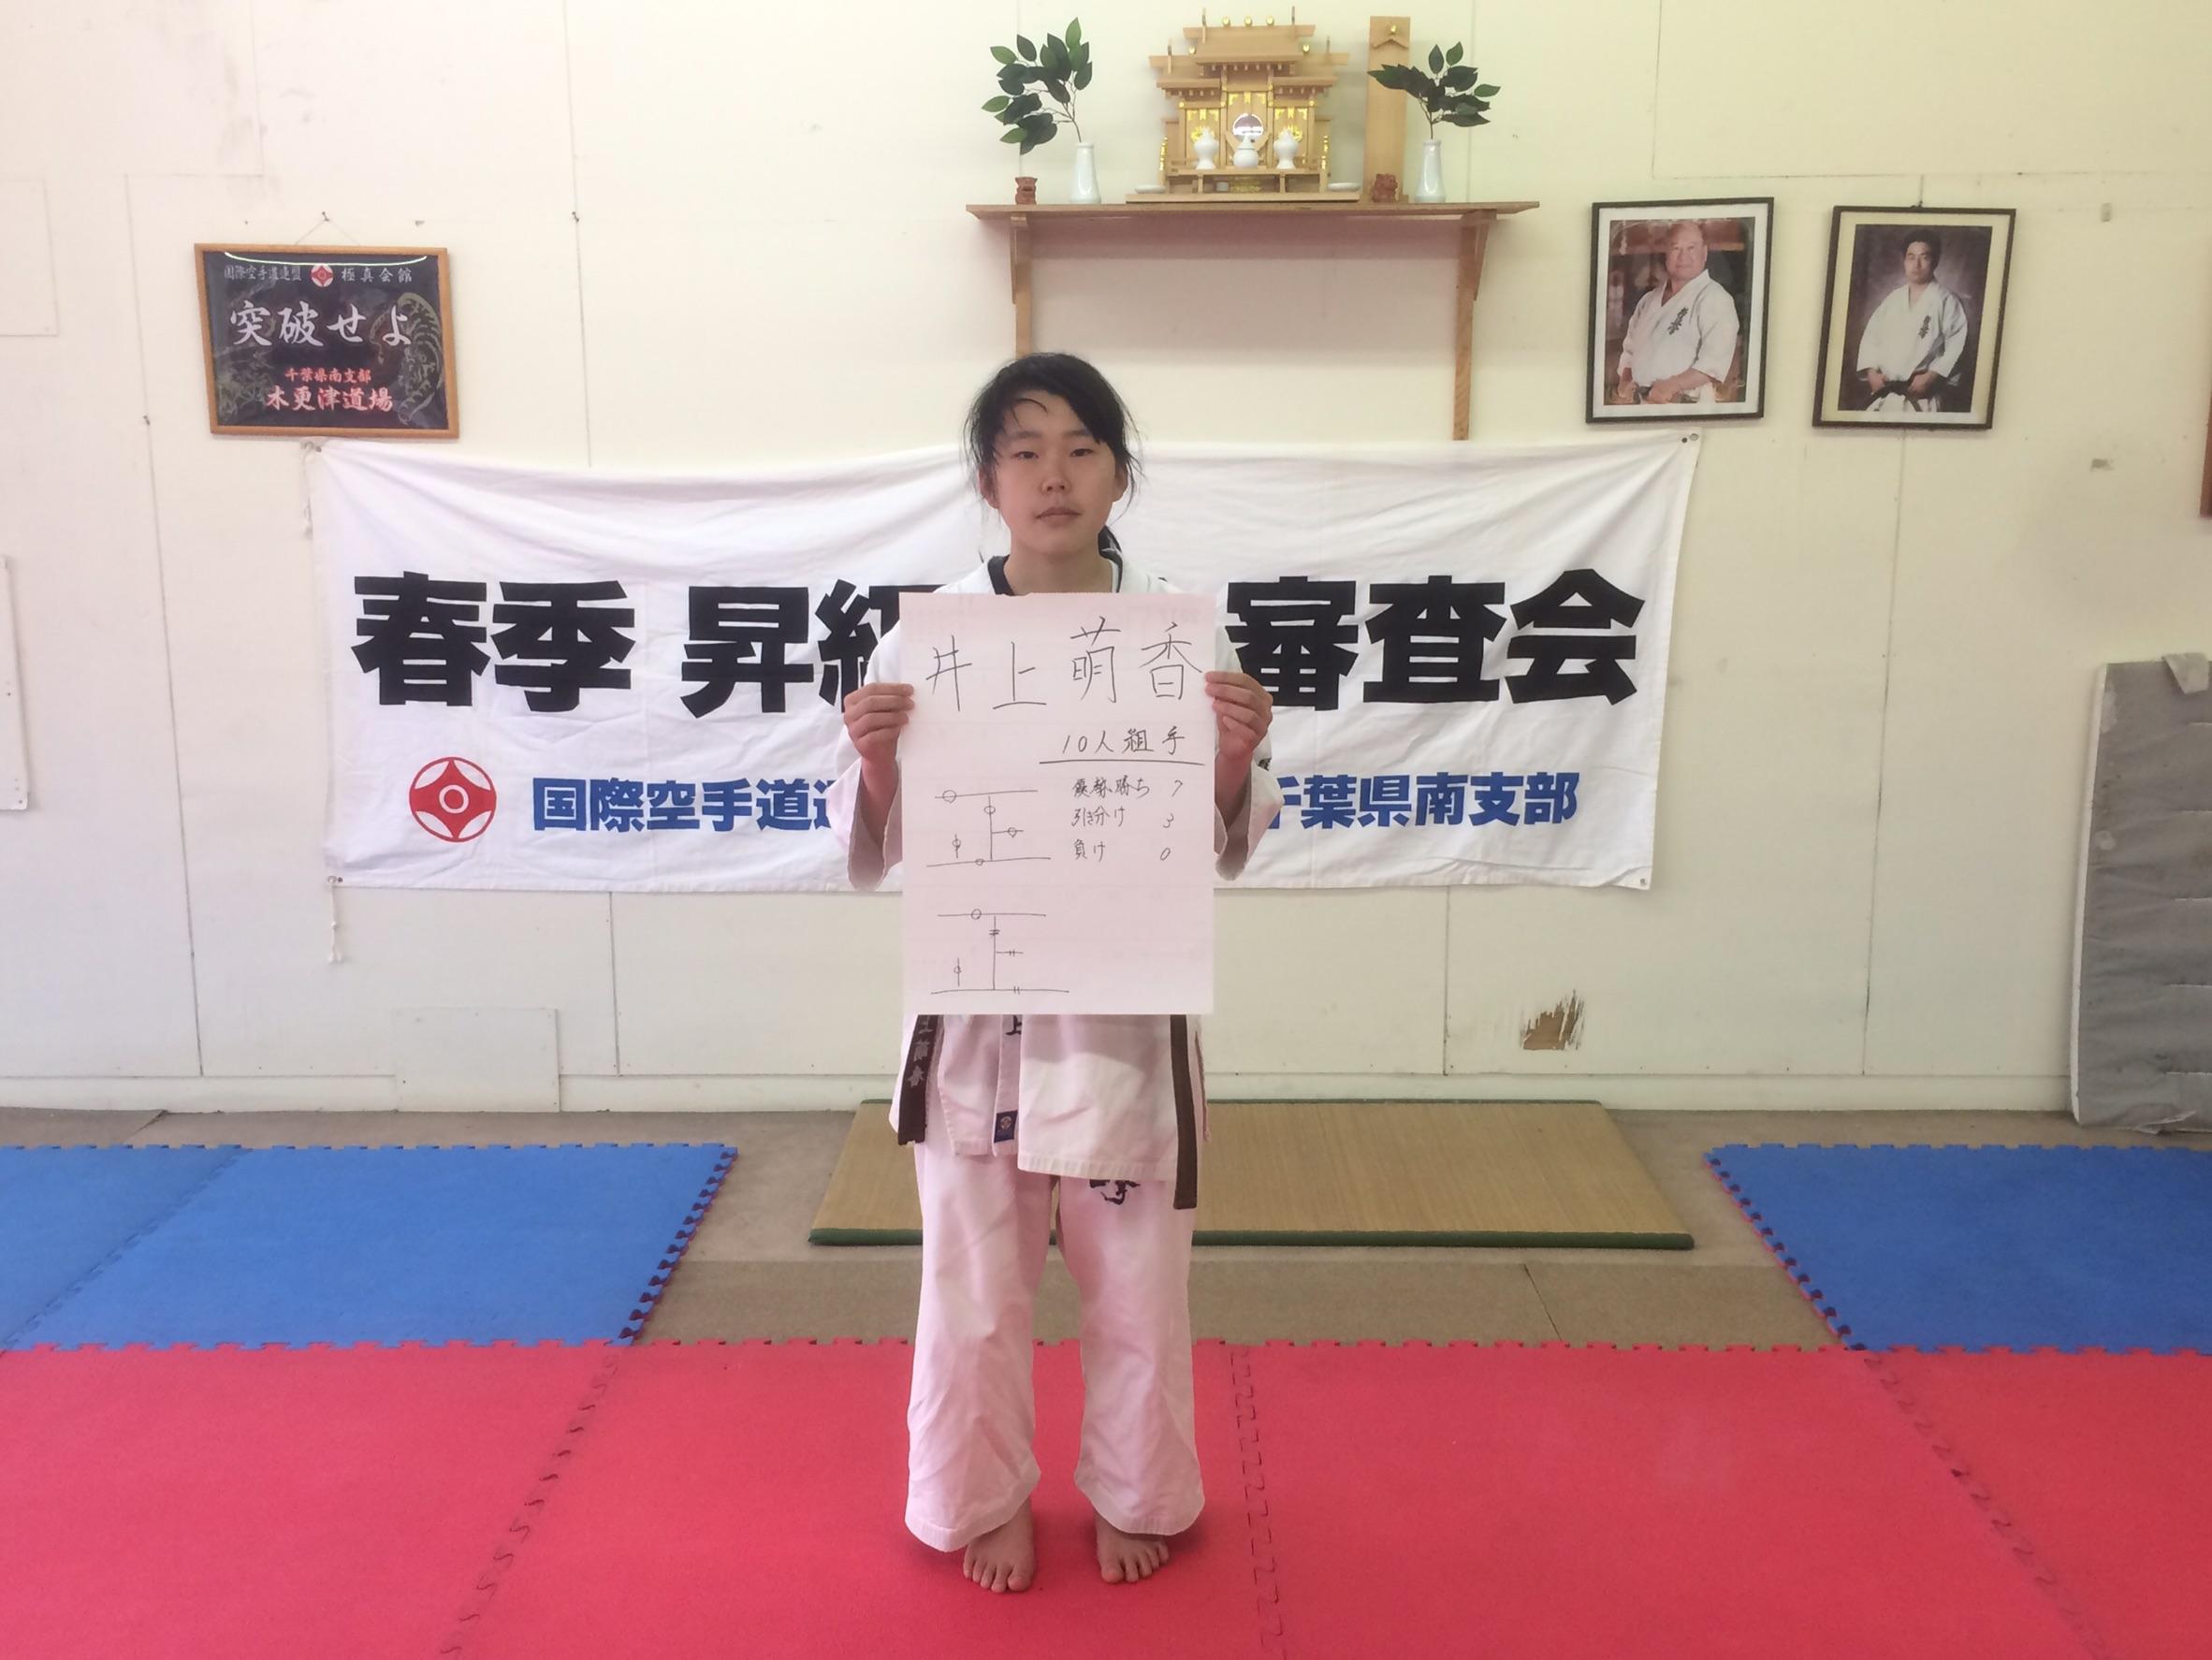 http://www.kyokushin-chibaminami.com/images/1494340186327.jpg